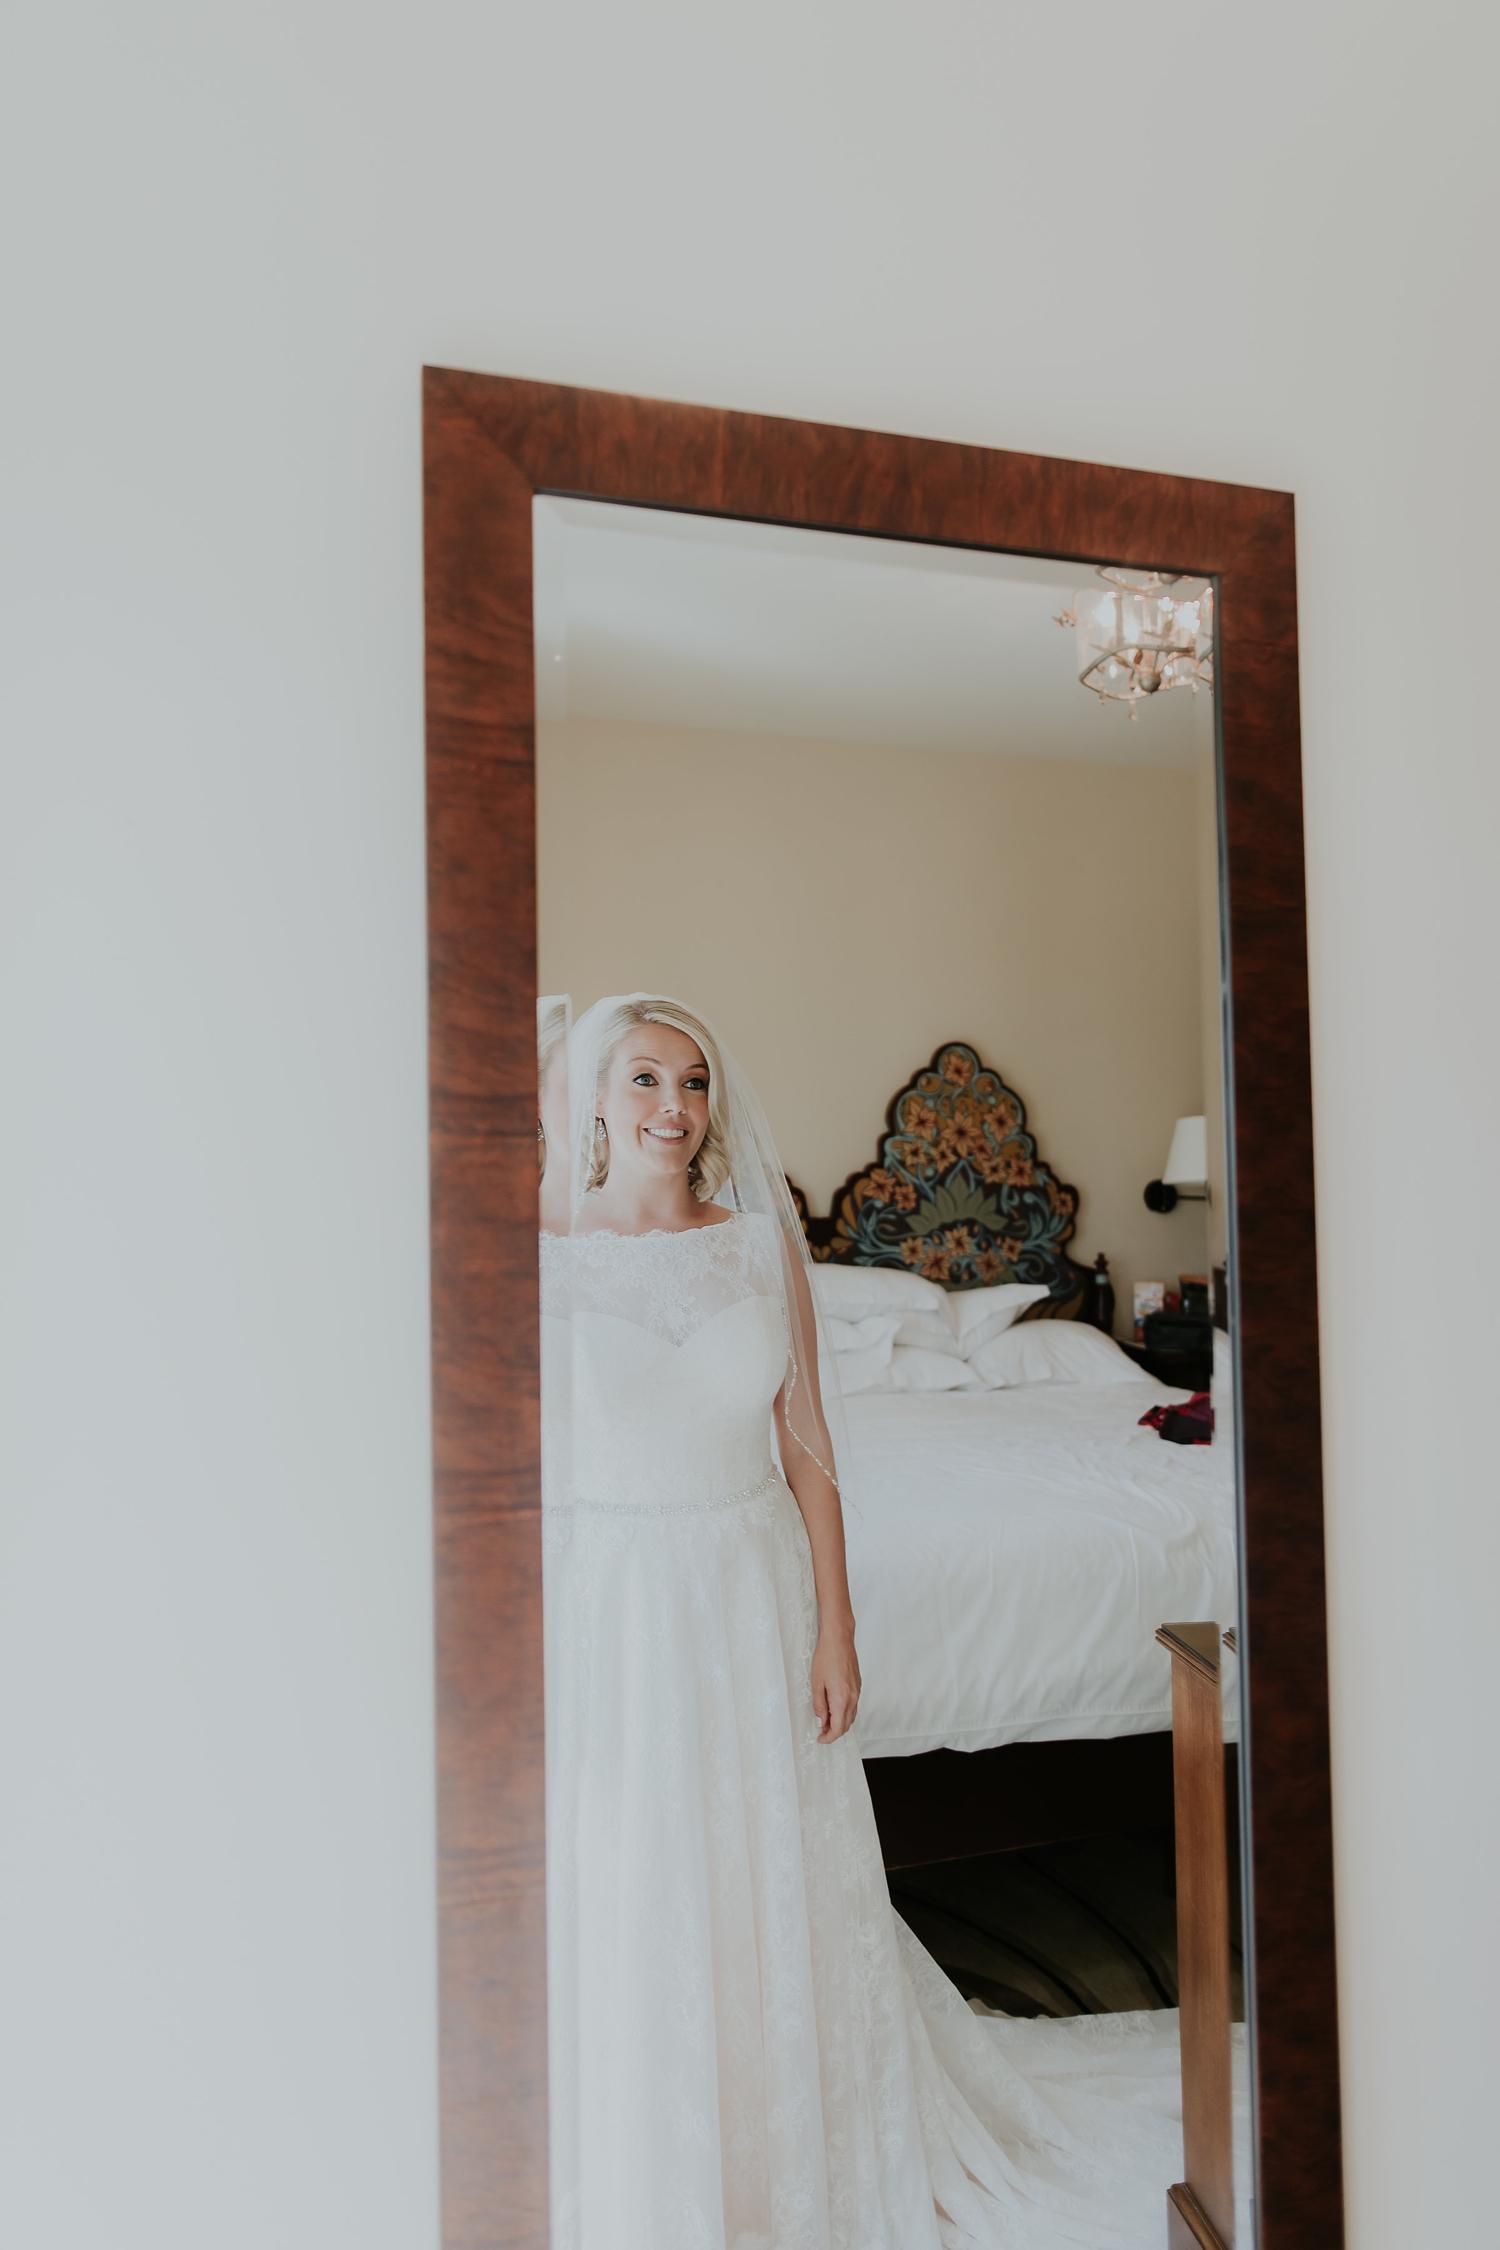 Alicia+lucia+photography+-+albuquerque+wedding+photographer+-+santa+fe+wedding+photography+-+new+mexico+wedding+photographer+-+la+fonda+wedding+-+la+fonda+fall+wedding+-+intimate+la+fonda+wedding_0007.jpg